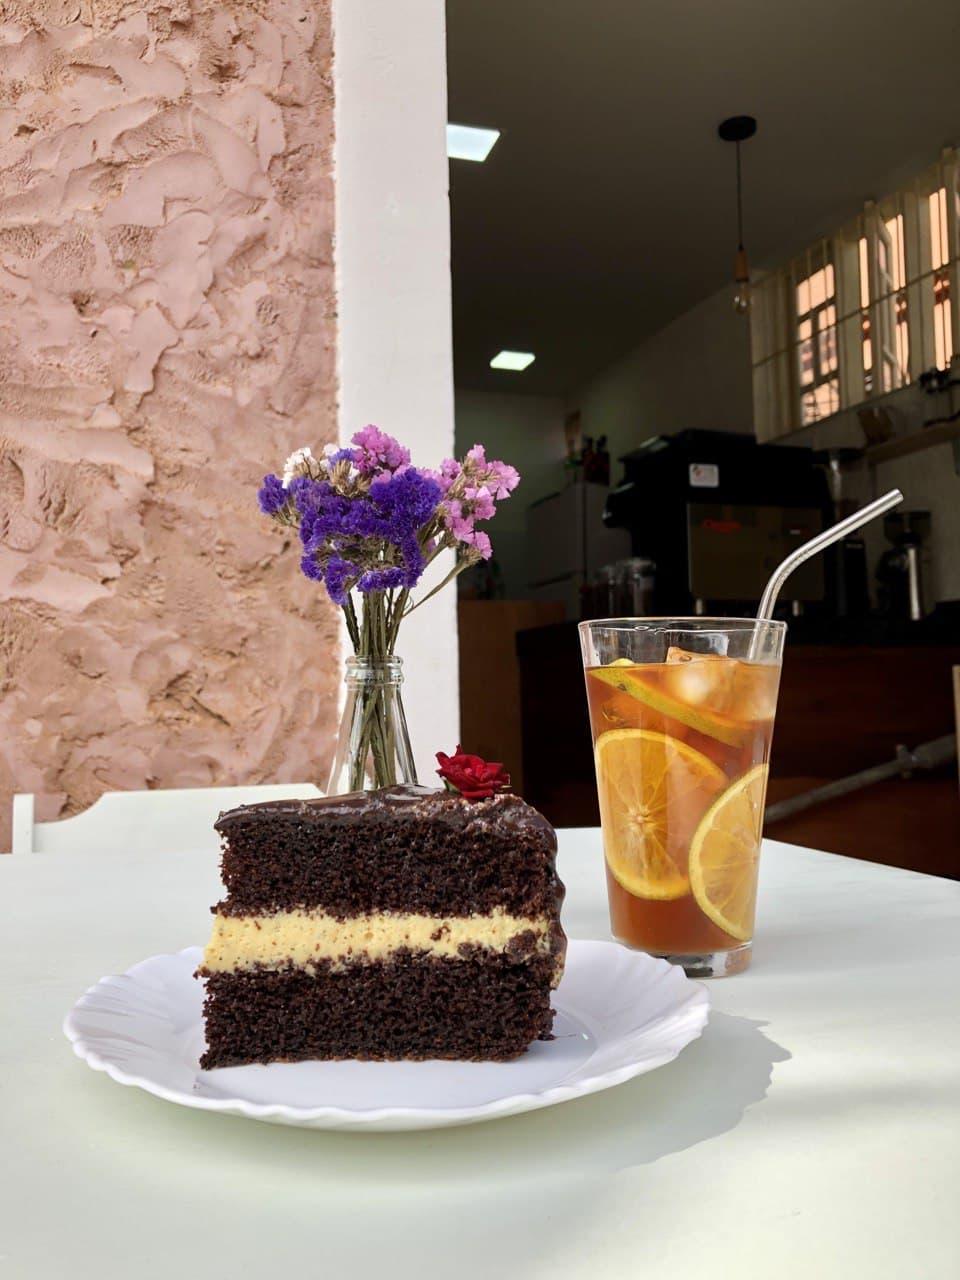 كعكة وشاي من إعداد Afago Chás e Cafés Especiais في سانتا تيريزا